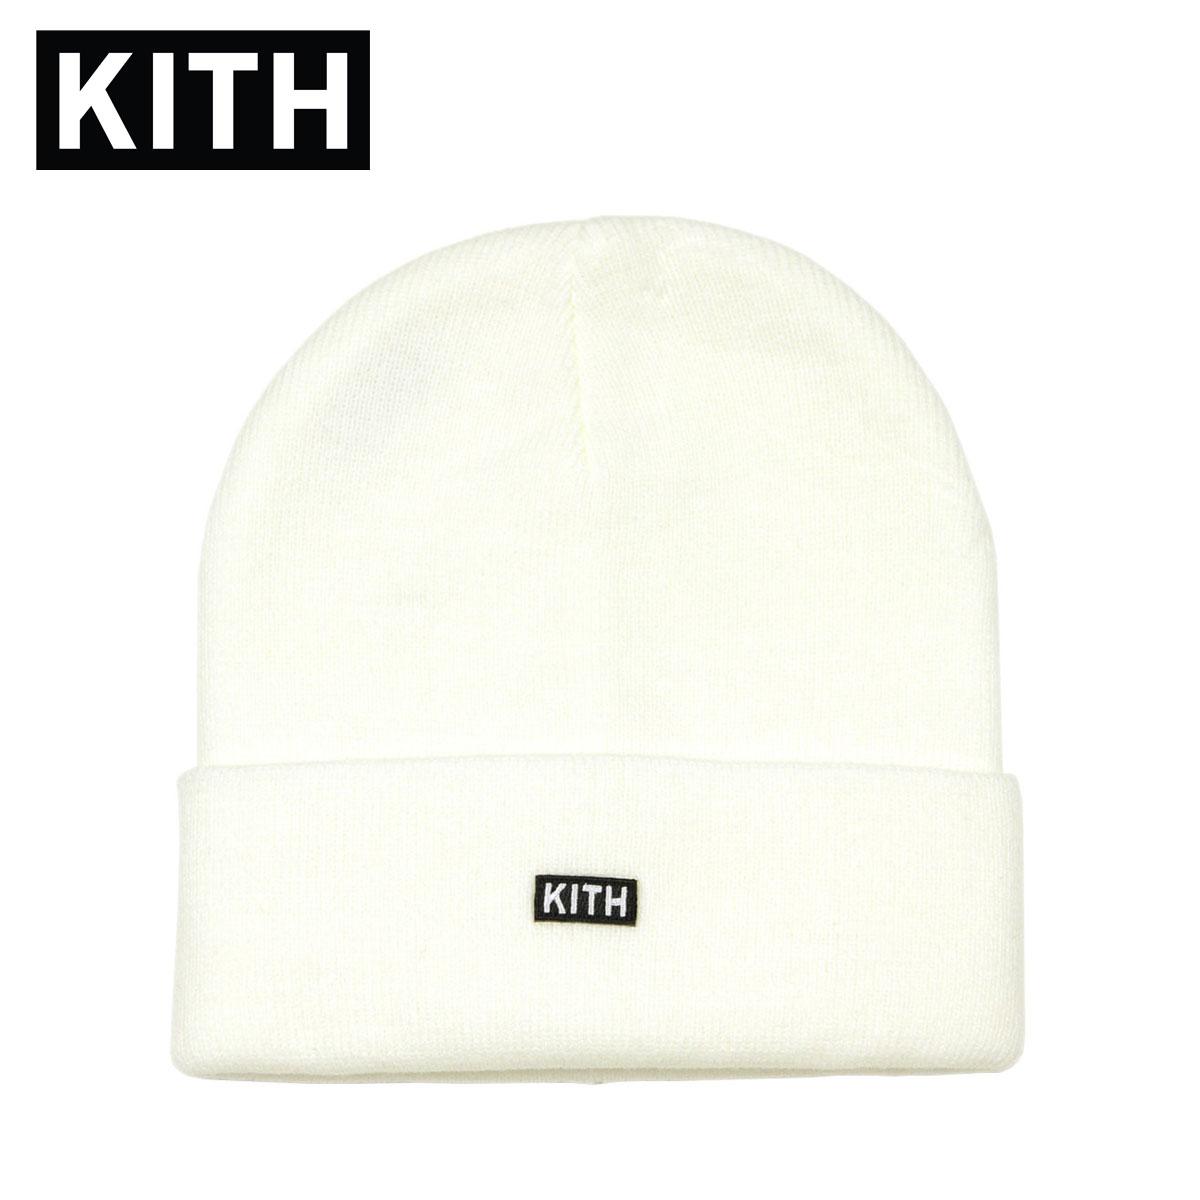 キス キャップ メンズ レディース 正規品 KITH 帽子 ビーニー ニットキャップ KITH CLASSIC DOCK BEANIE KHW5031-101 WHITE 父の日